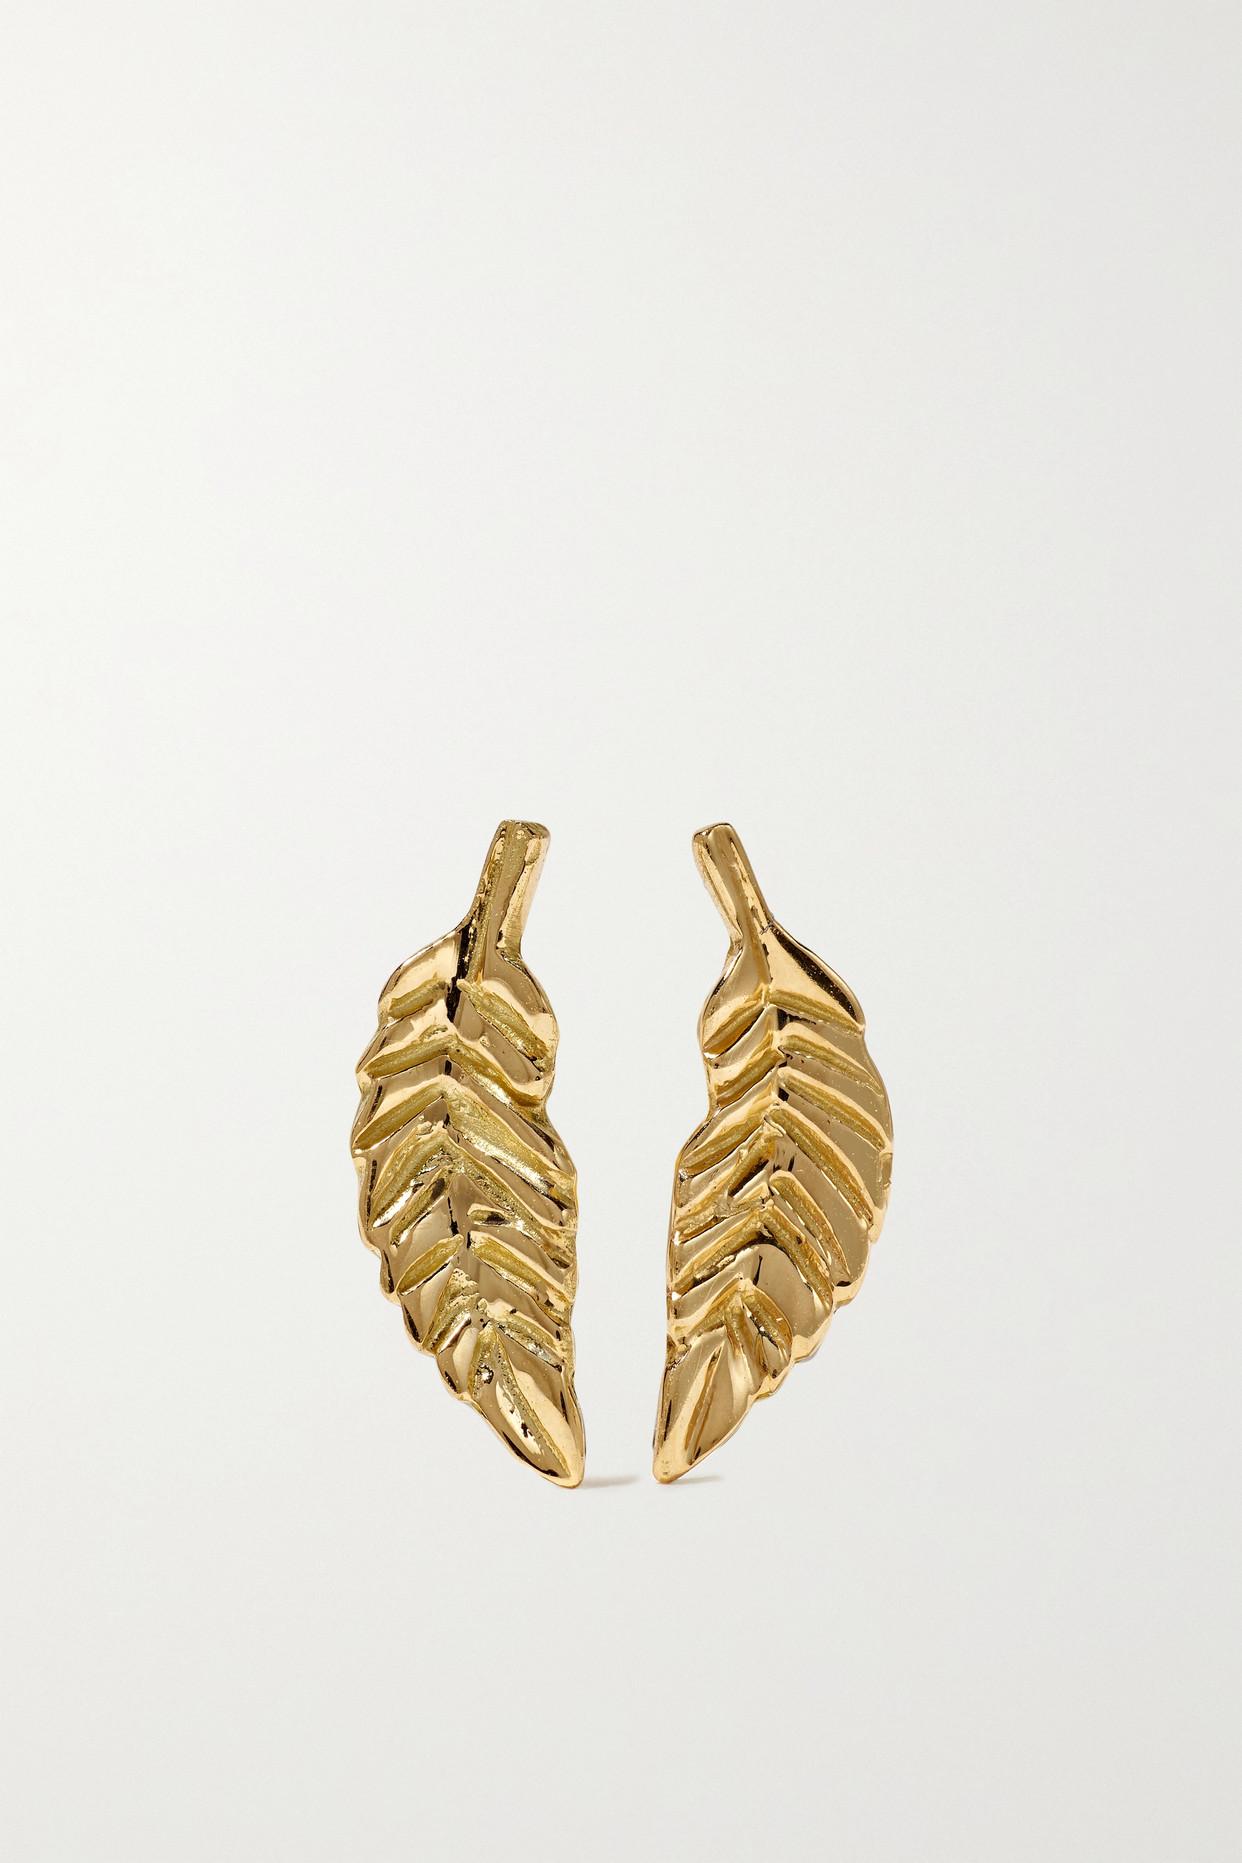 BROOKE GREGSON - Leaf 18-karat Gold Earrings - one size